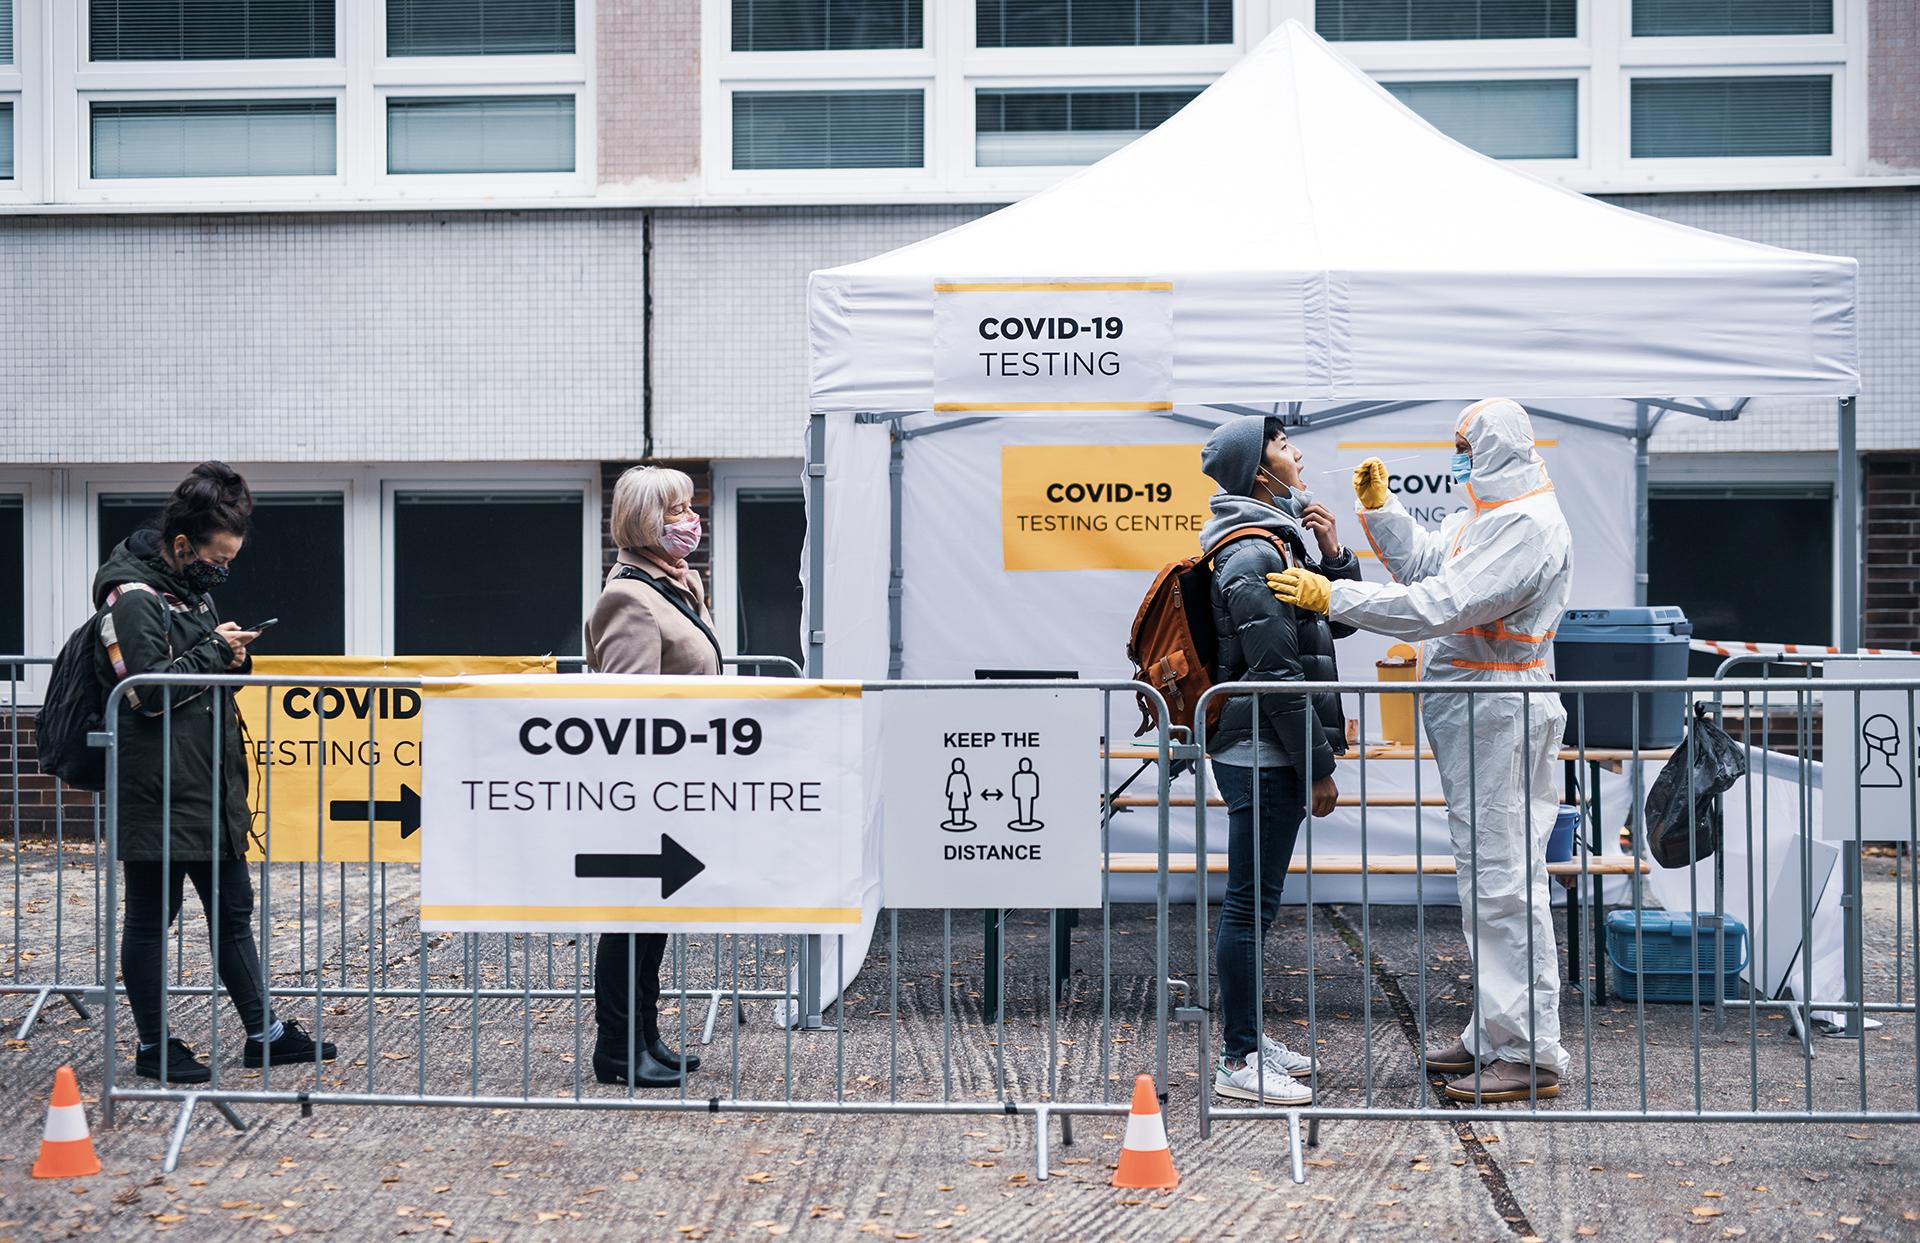 коронавирус пандемия covid 19